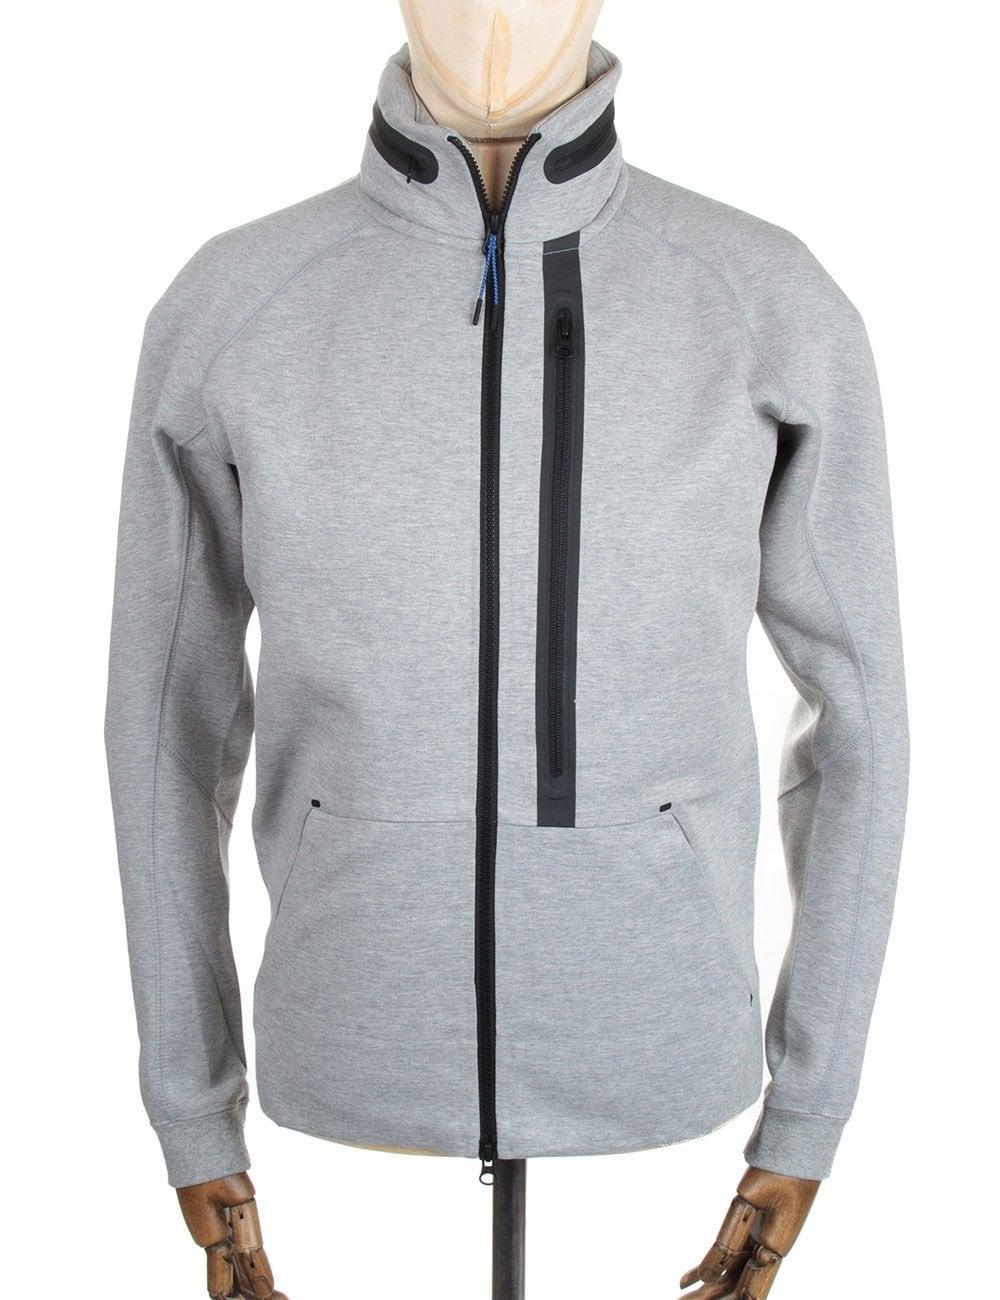 ed61e9d8876 Nike Tech Fleece AW77 FZ Hoody - Grey - Clothing from Fat Buddha ...